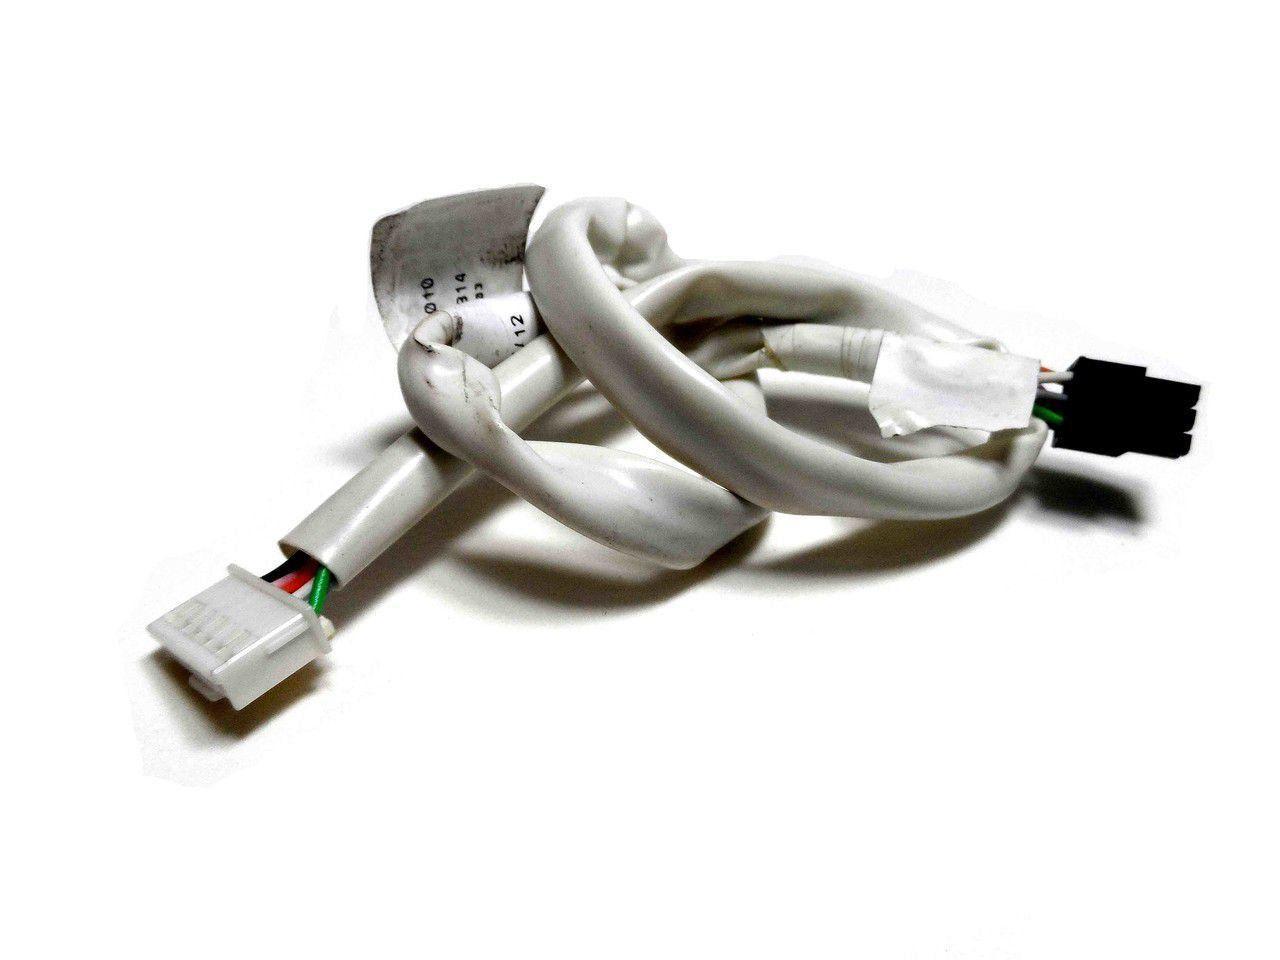 Rede Elétrica Fabricadora de Gelo DI80X/DFI80X/DT80X/DFW64/DF80 64500010